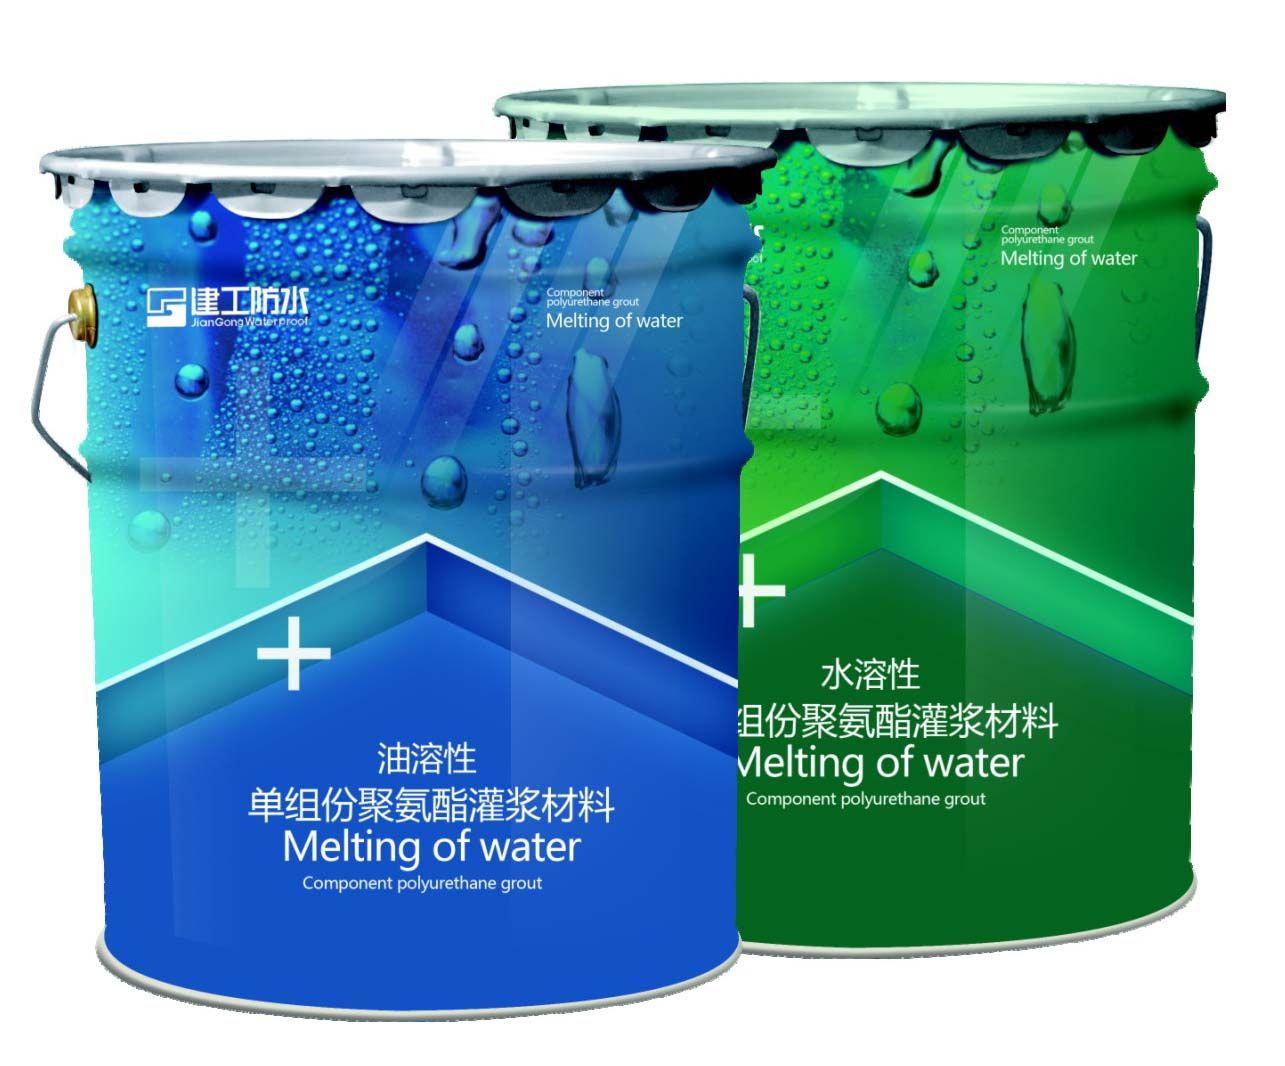 聚氨酯防水涂料哪家有——想买质量好的聚氨酯防水涂料上哪